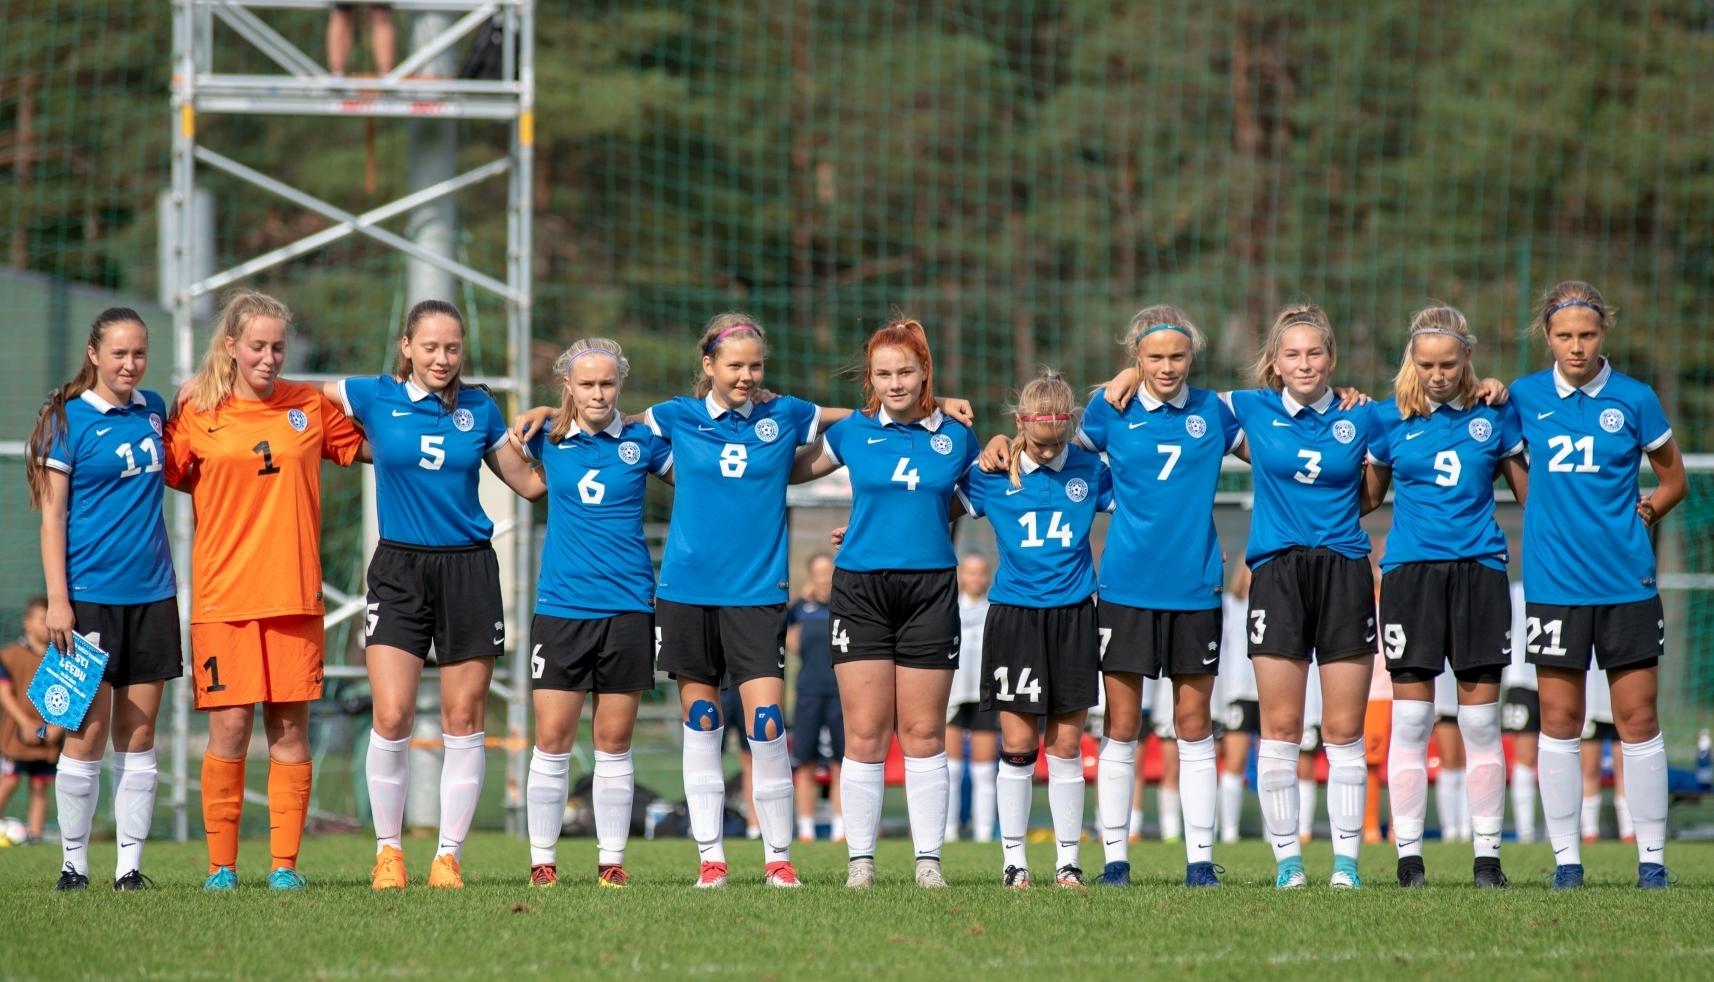 dc82cda98cb GALERII: Tüdrukute U15 koondis alistas suurelt Leedu - Uudised